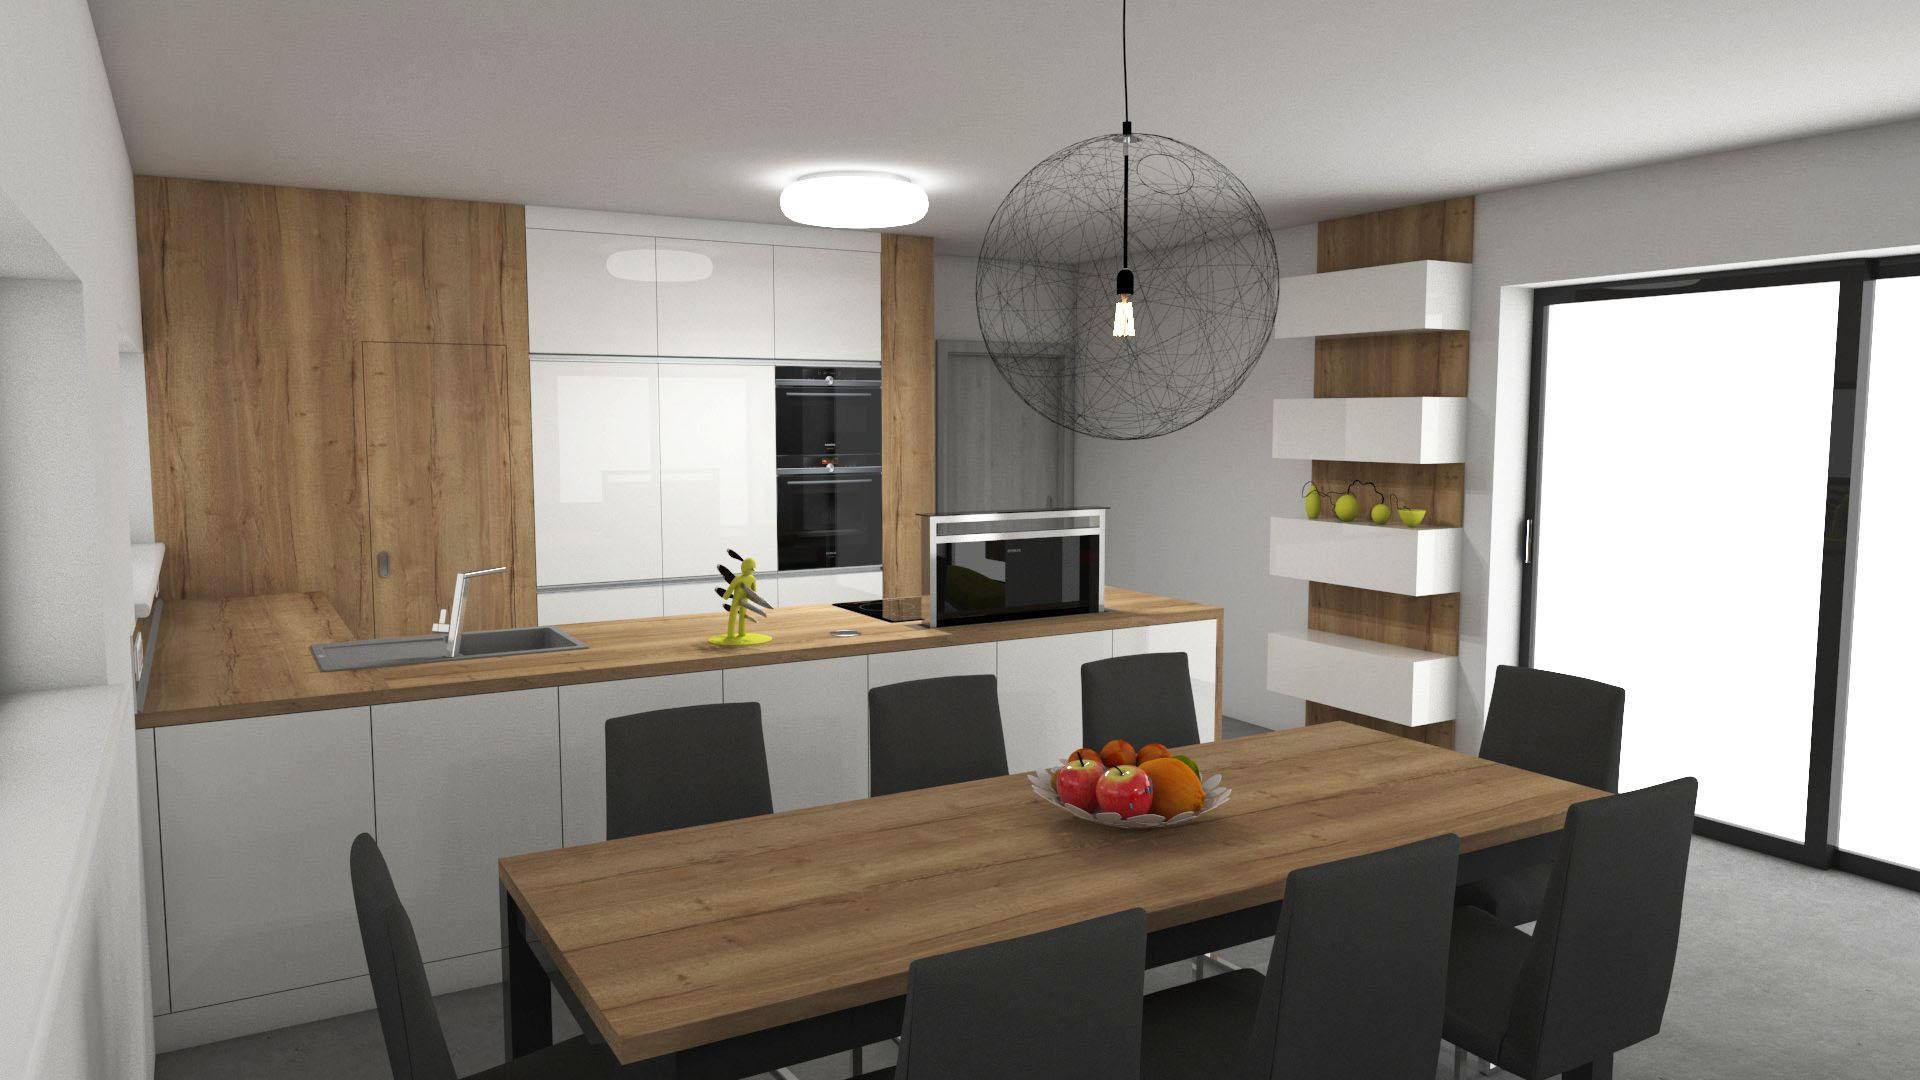 Kuchyně - Bílá v super lesku v kombinaci s dubem Halifax přírodní má prostě své kouzlo.